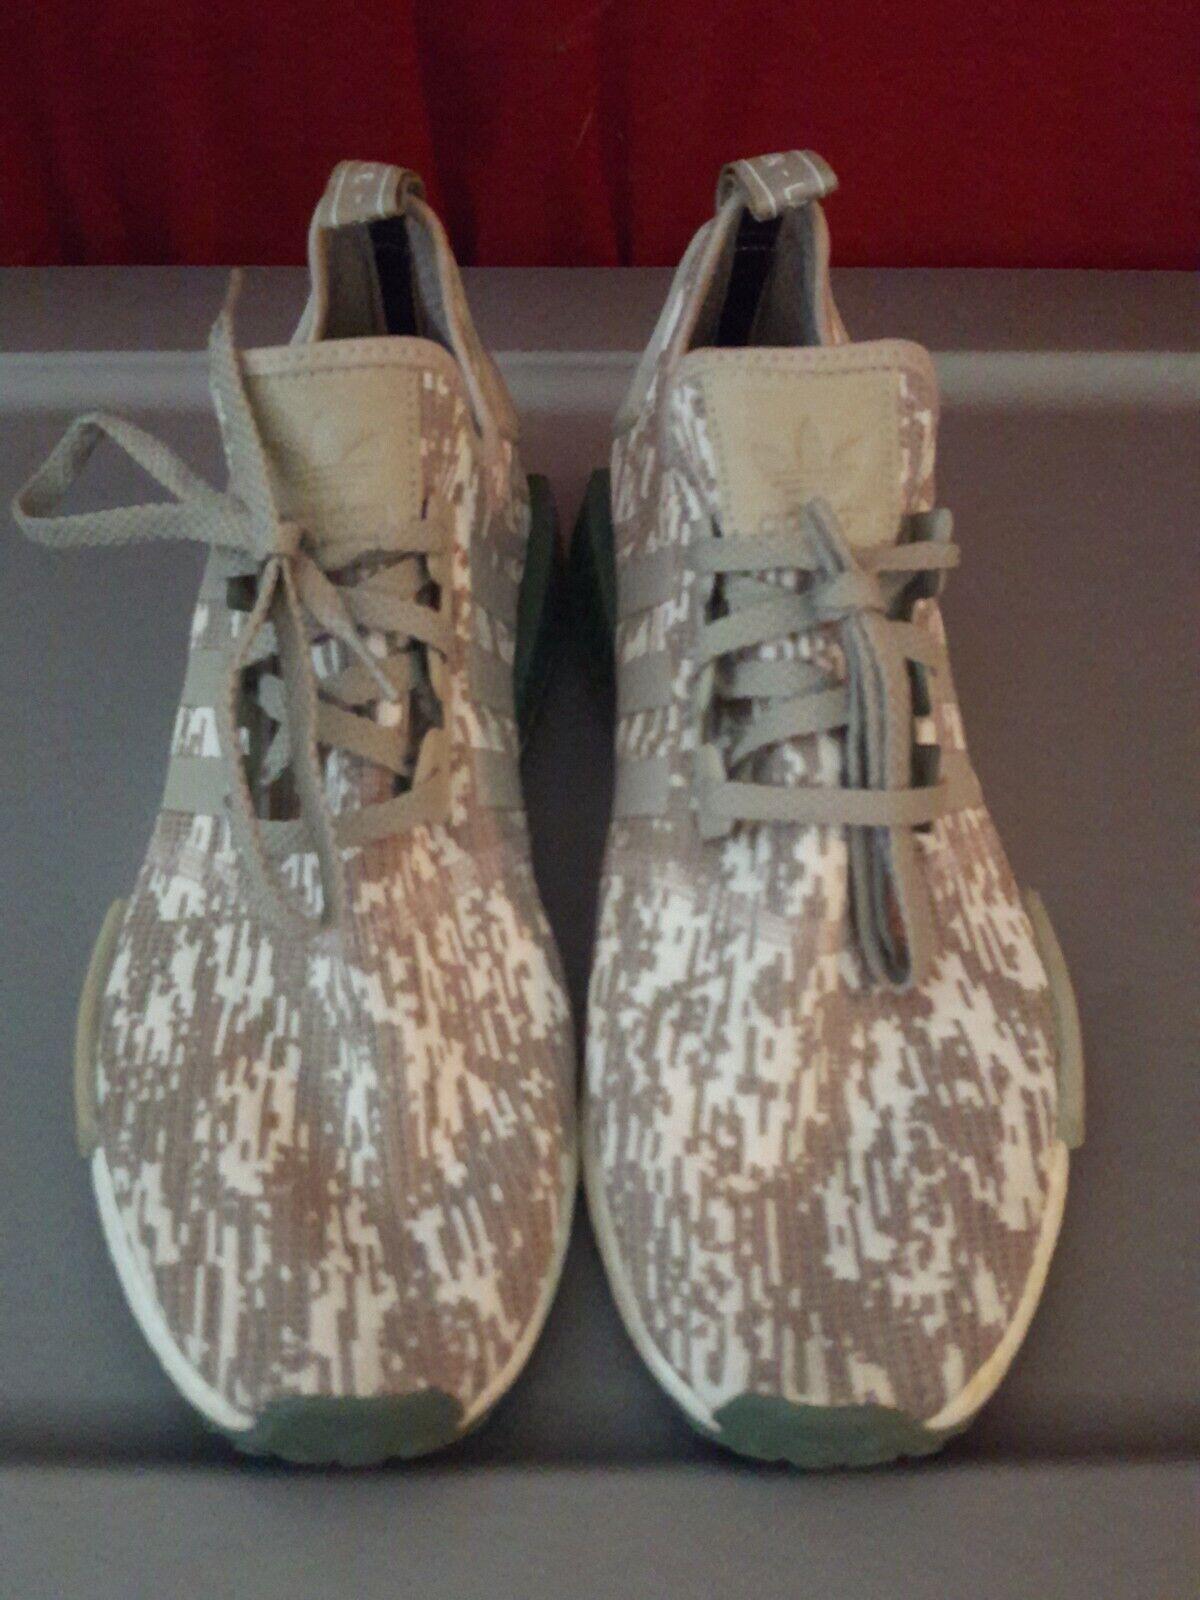 Adidas Originals män NMD - - - r1 springaning skor Trace grön   vit   Sesame Storlek  13  40% rabatt